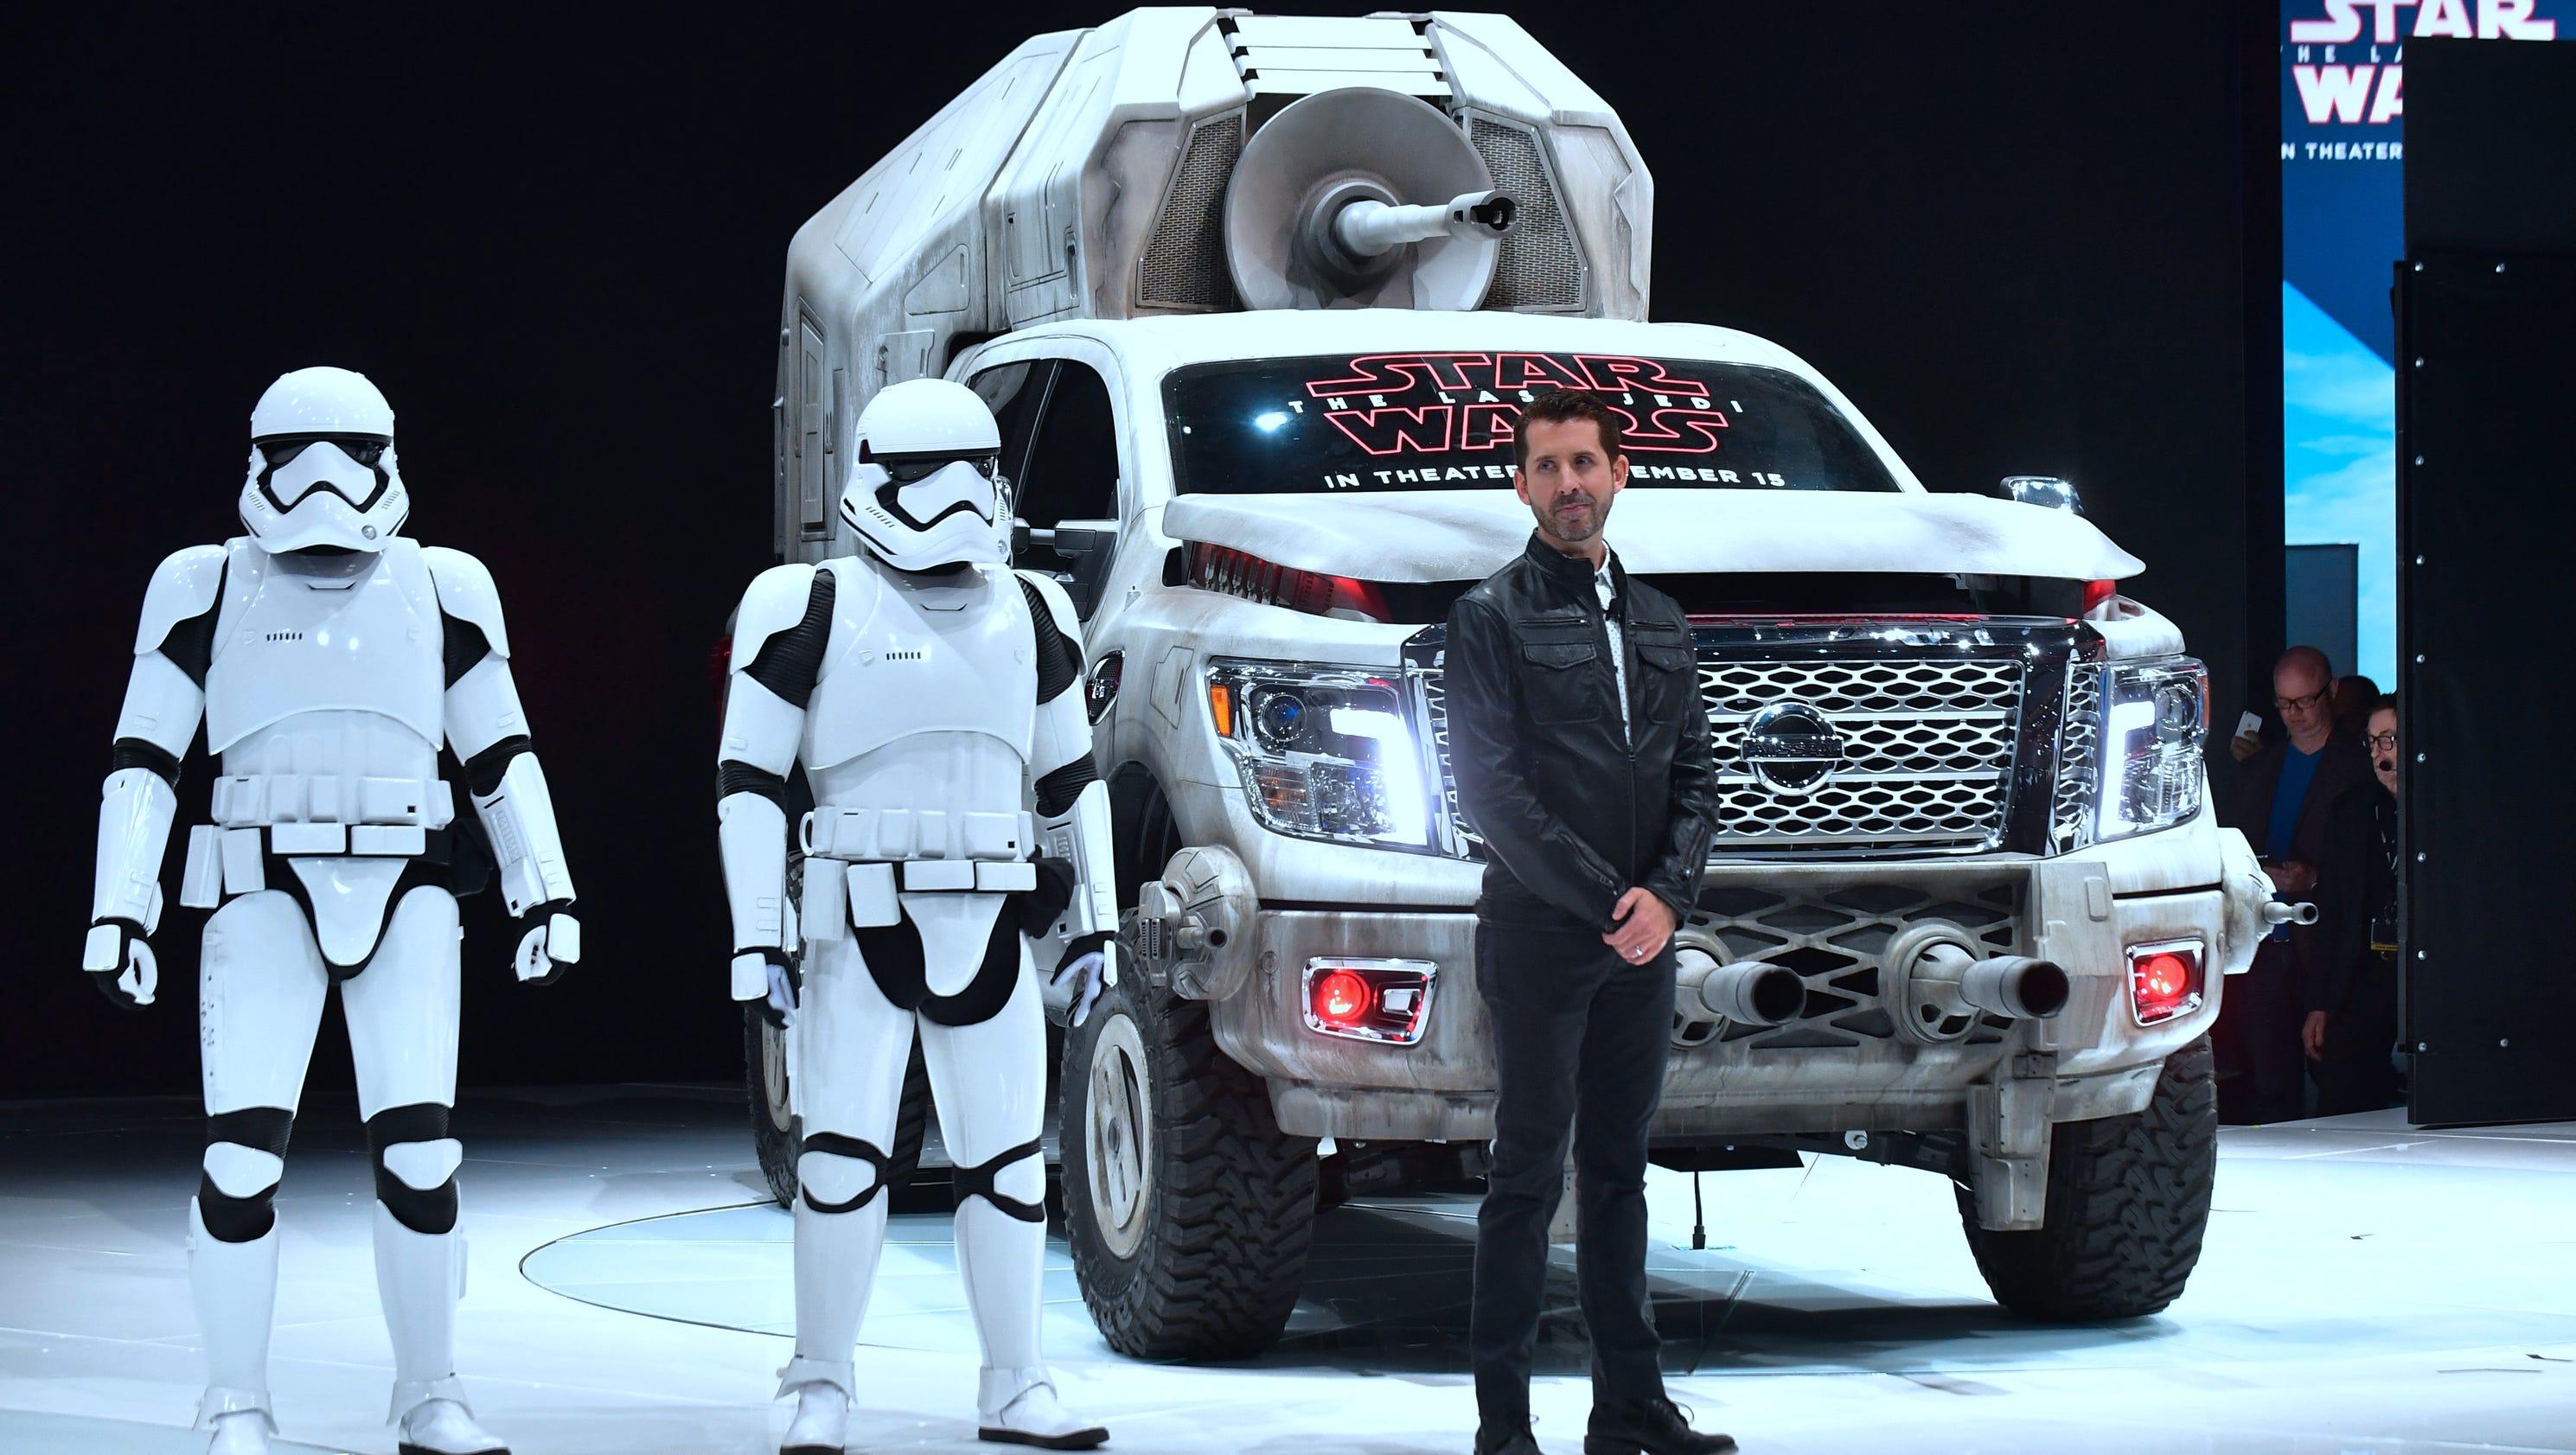 Nissan Unveils Fleet Of New 'Star Wars' Vehicles